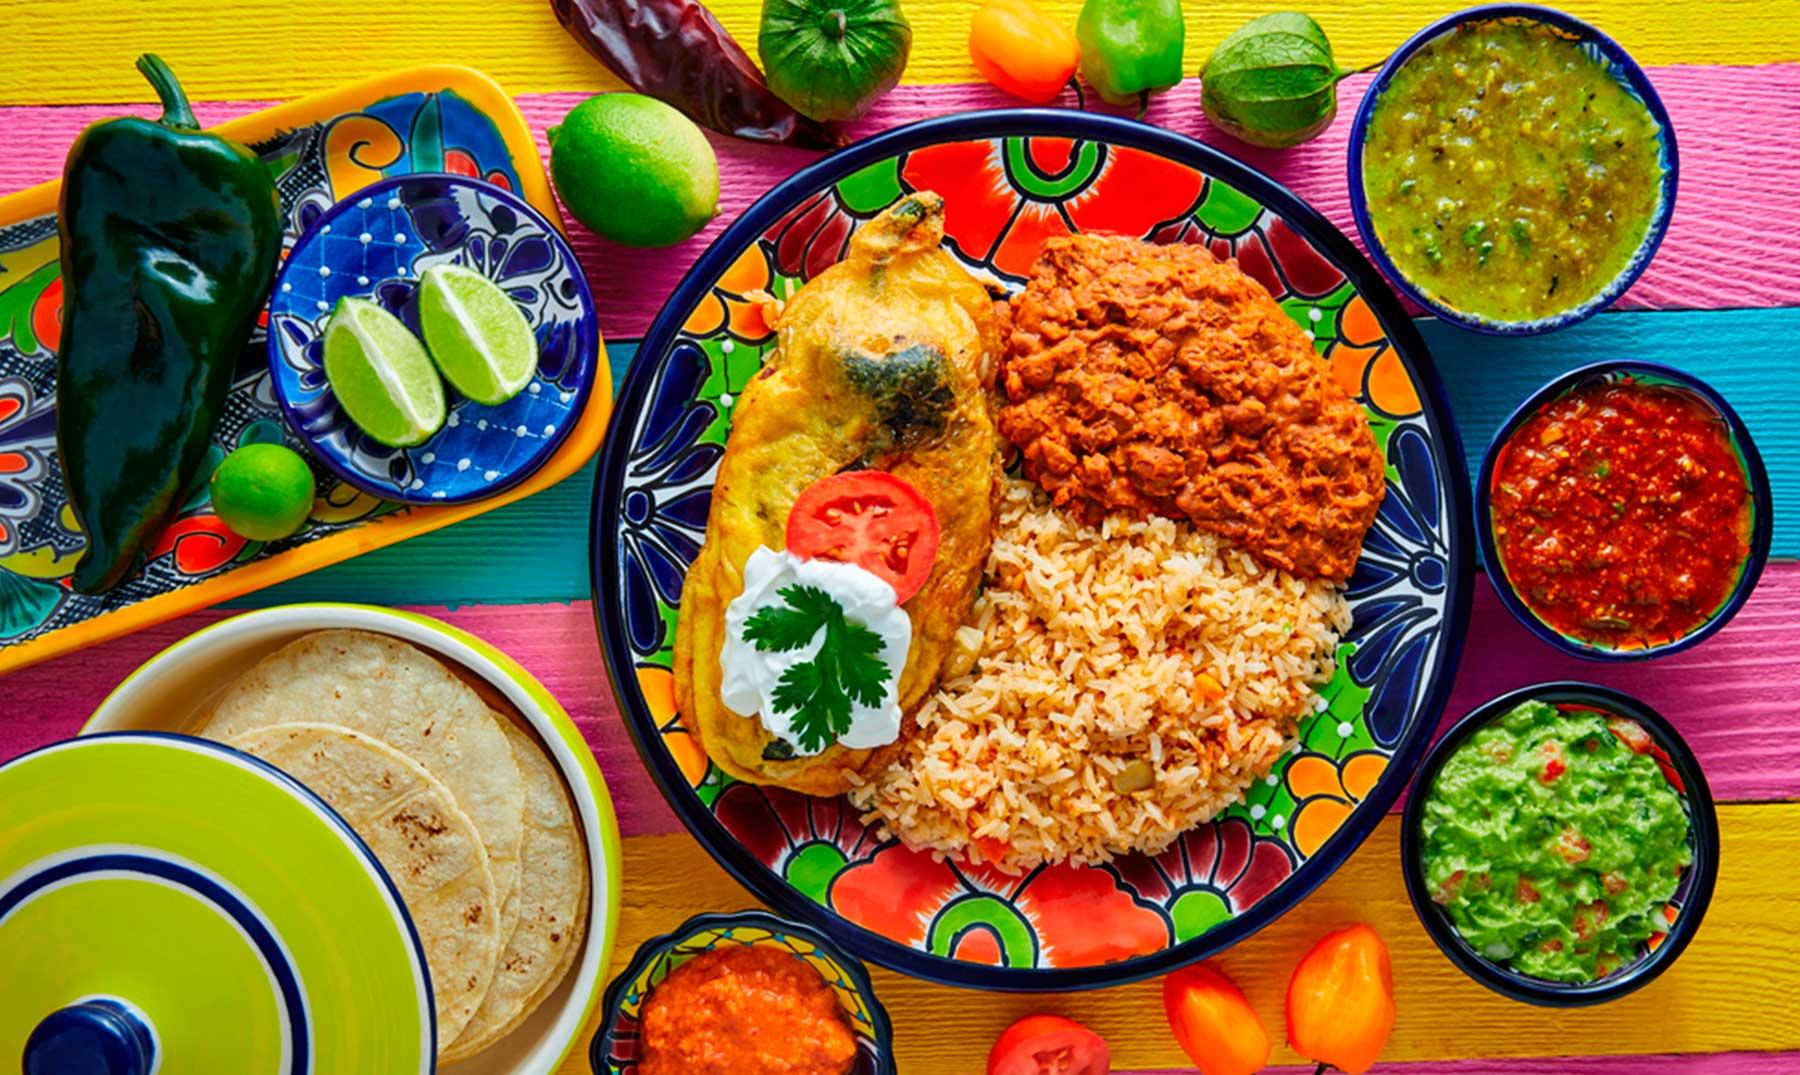 Datos interesantes sobre la comida mexicana supercurioso - Todo sobre la cocina ...